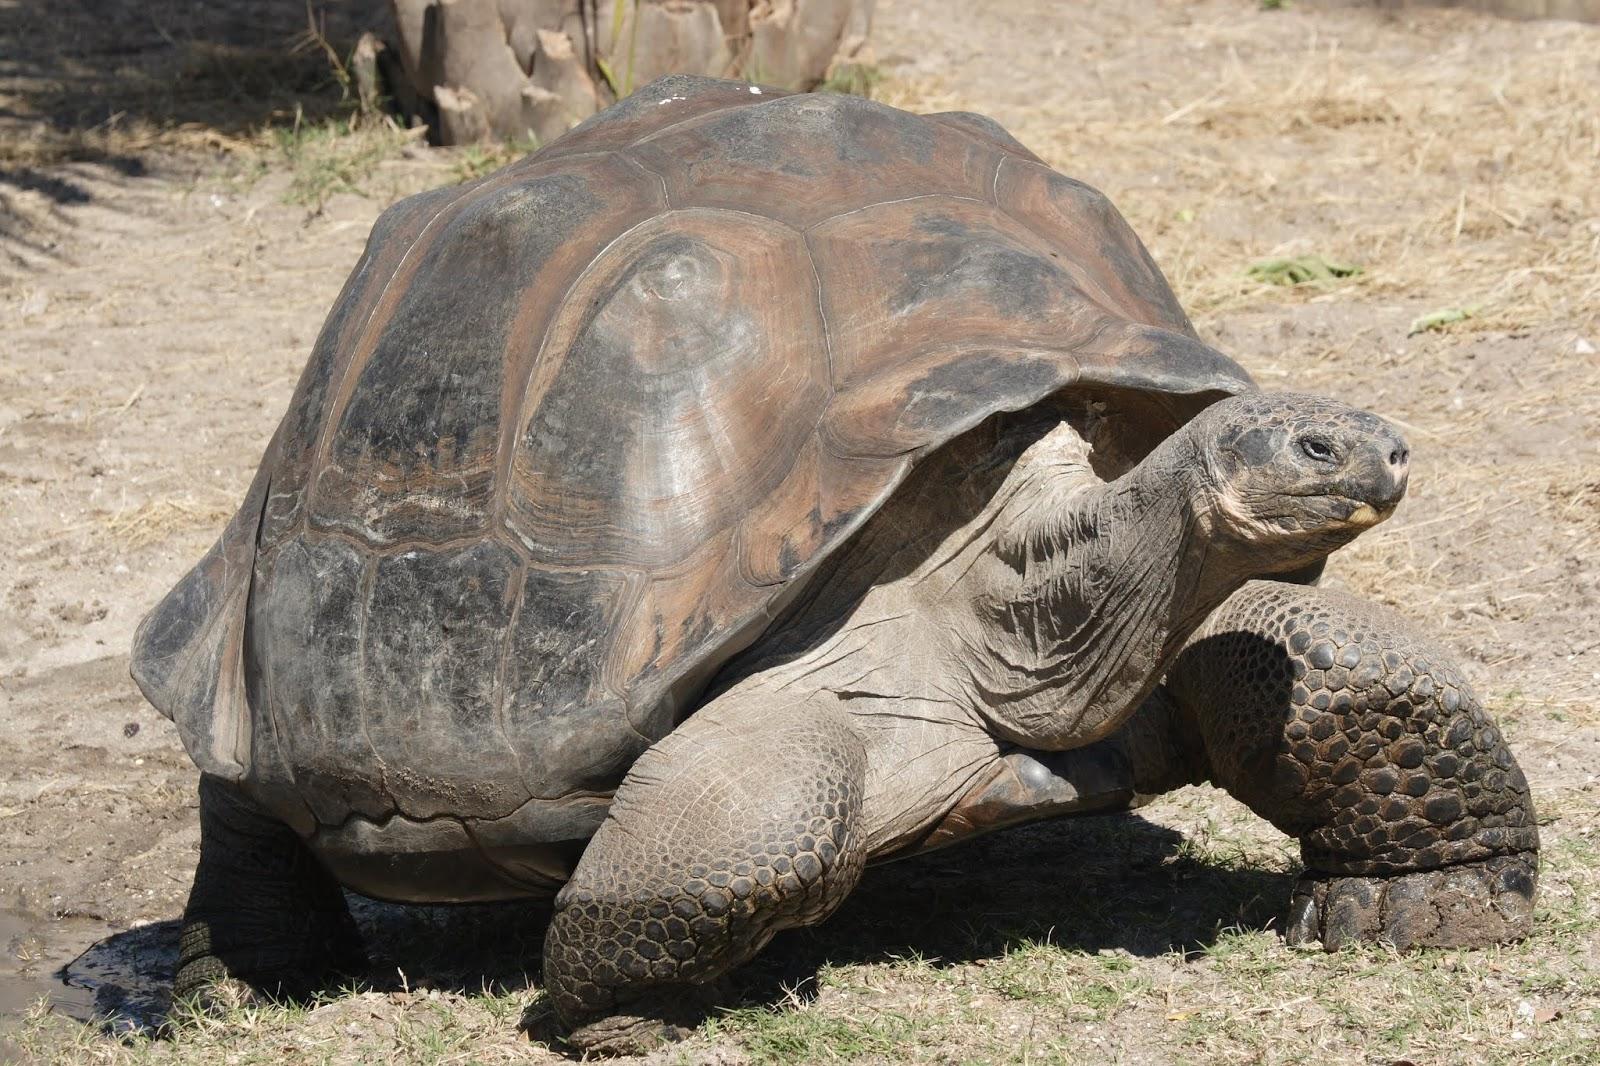 Jenis Kura - Kura Galapagos